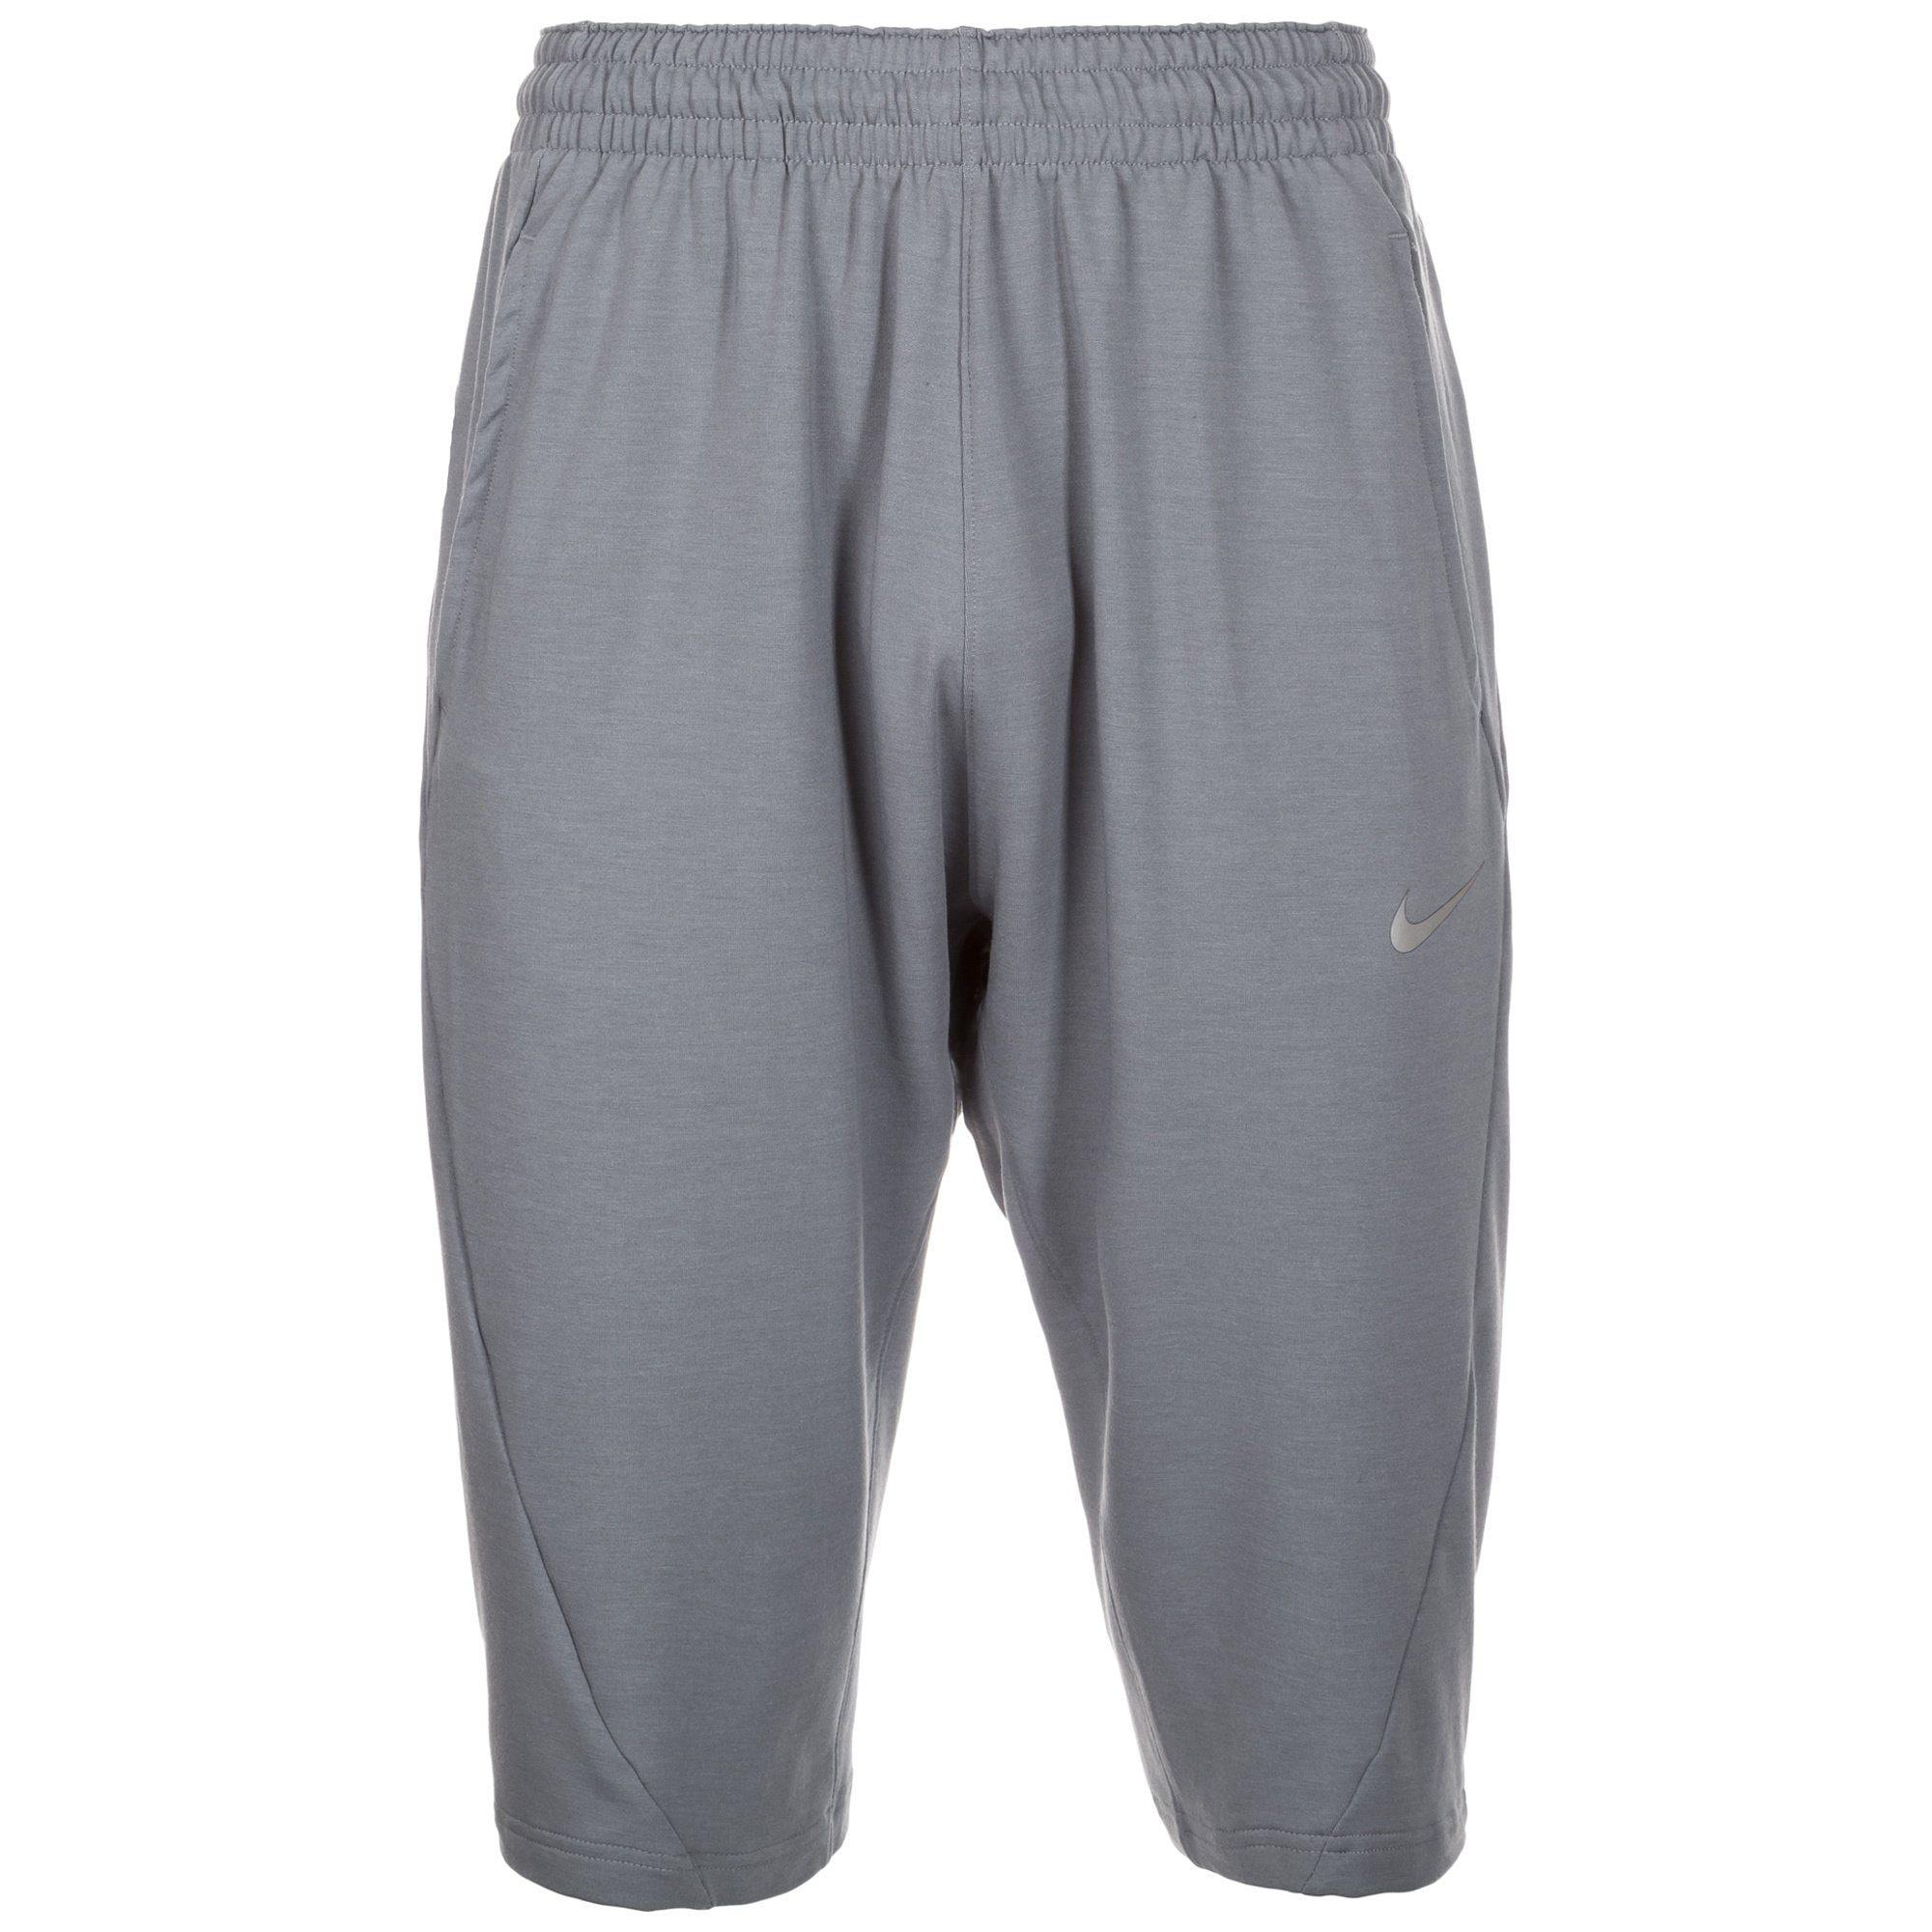 Nike Dry Basketballshort Herren | Sportbekleidung > Sporthosen > Basketballshorts | Grau | Viskose - Polyester - Elasthan | Nike